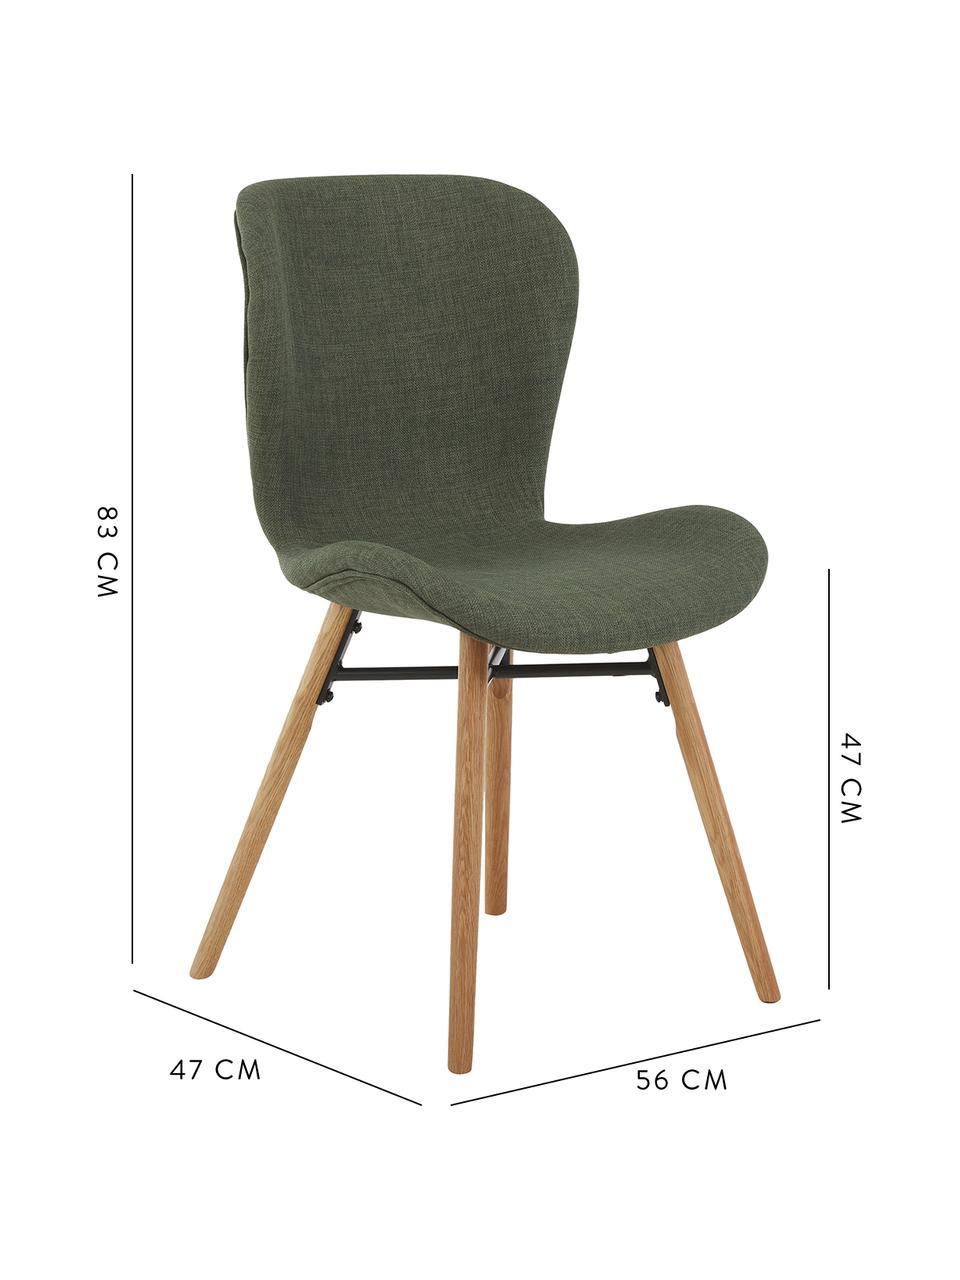 Krzesło tapicerowane Batilda, 2 szt., Tapicerka: poliester Dzięki tkaninie, Nogi: lite drewno dębowe, lakie, Zielony, drewno dębowe, S 56 x G 47 cm